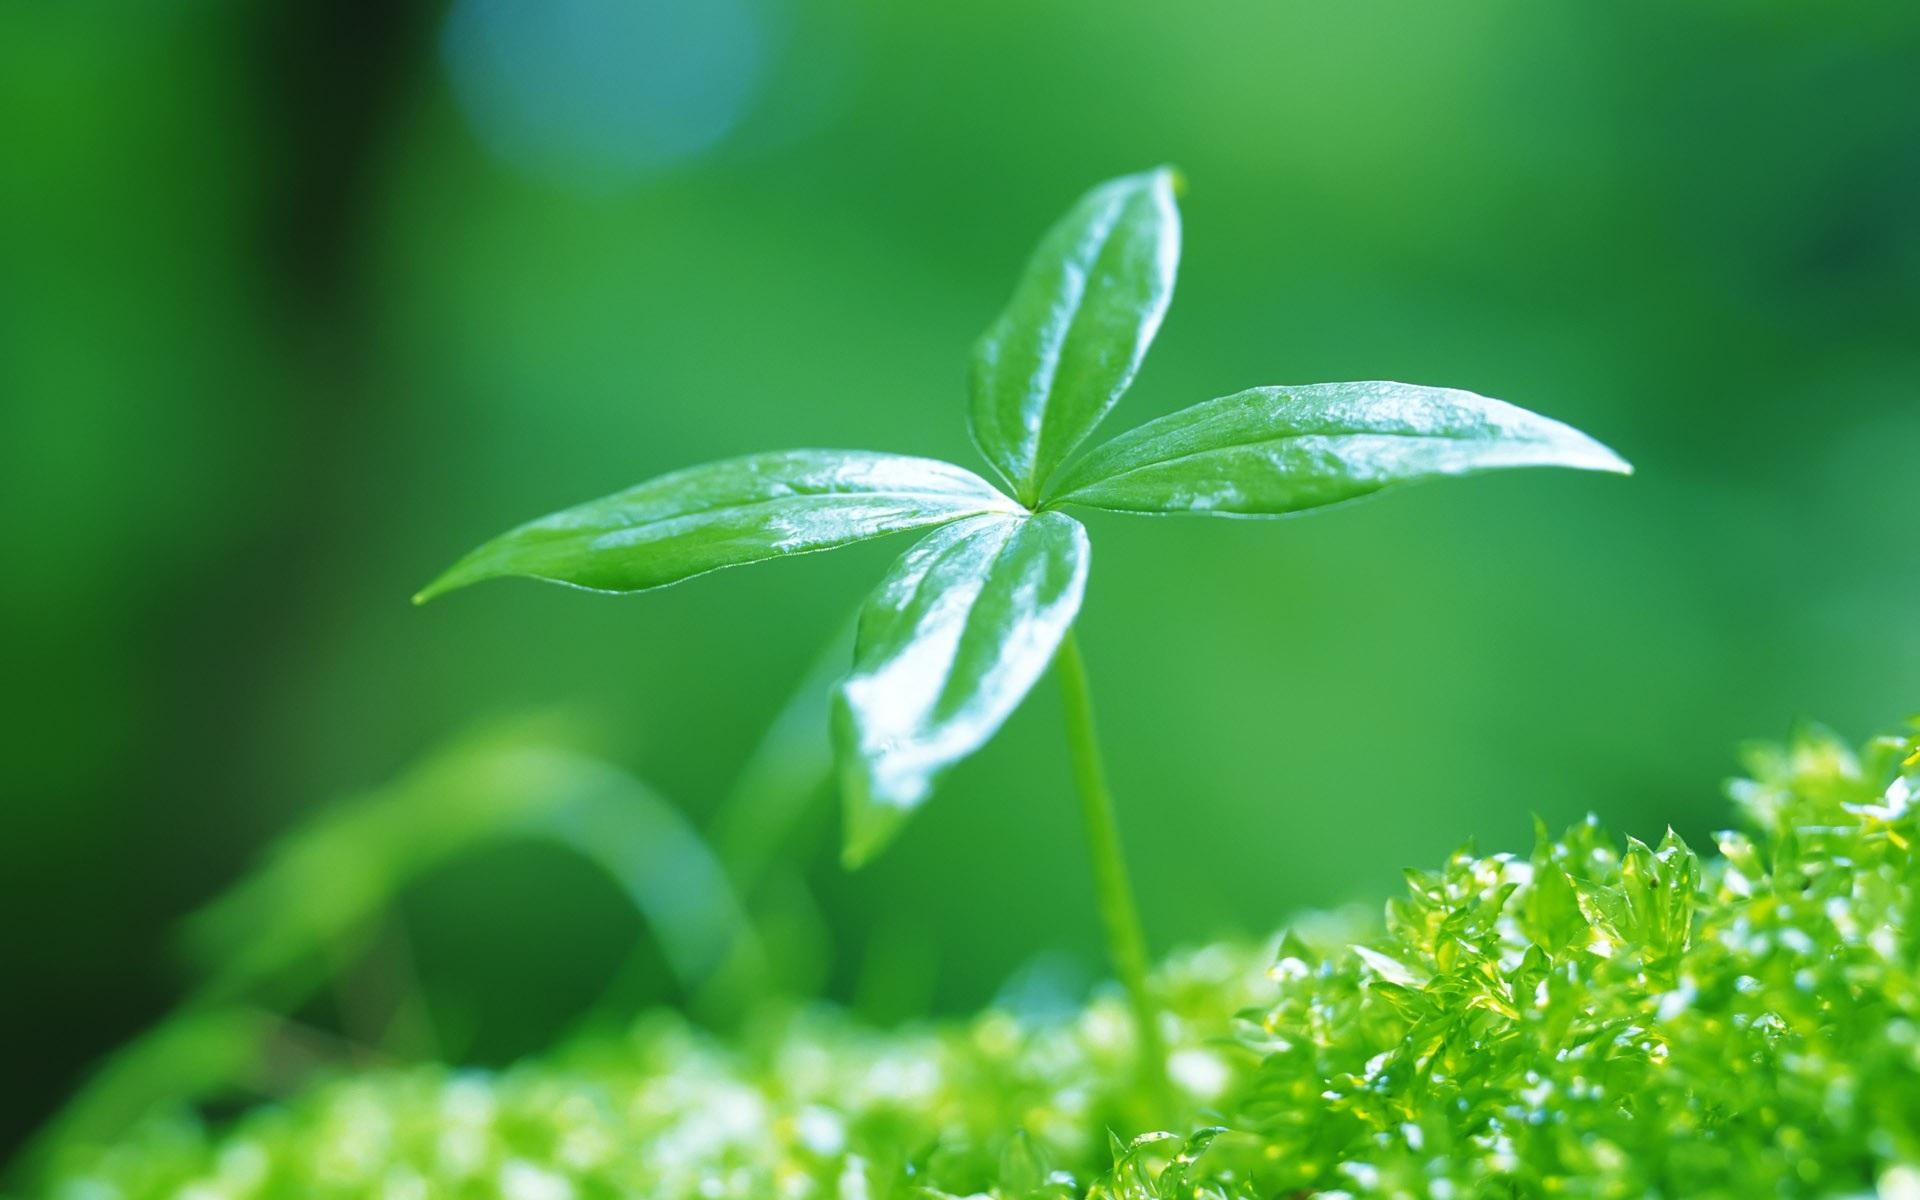 刚发芽的嫩绿叶子 1920x1200图片